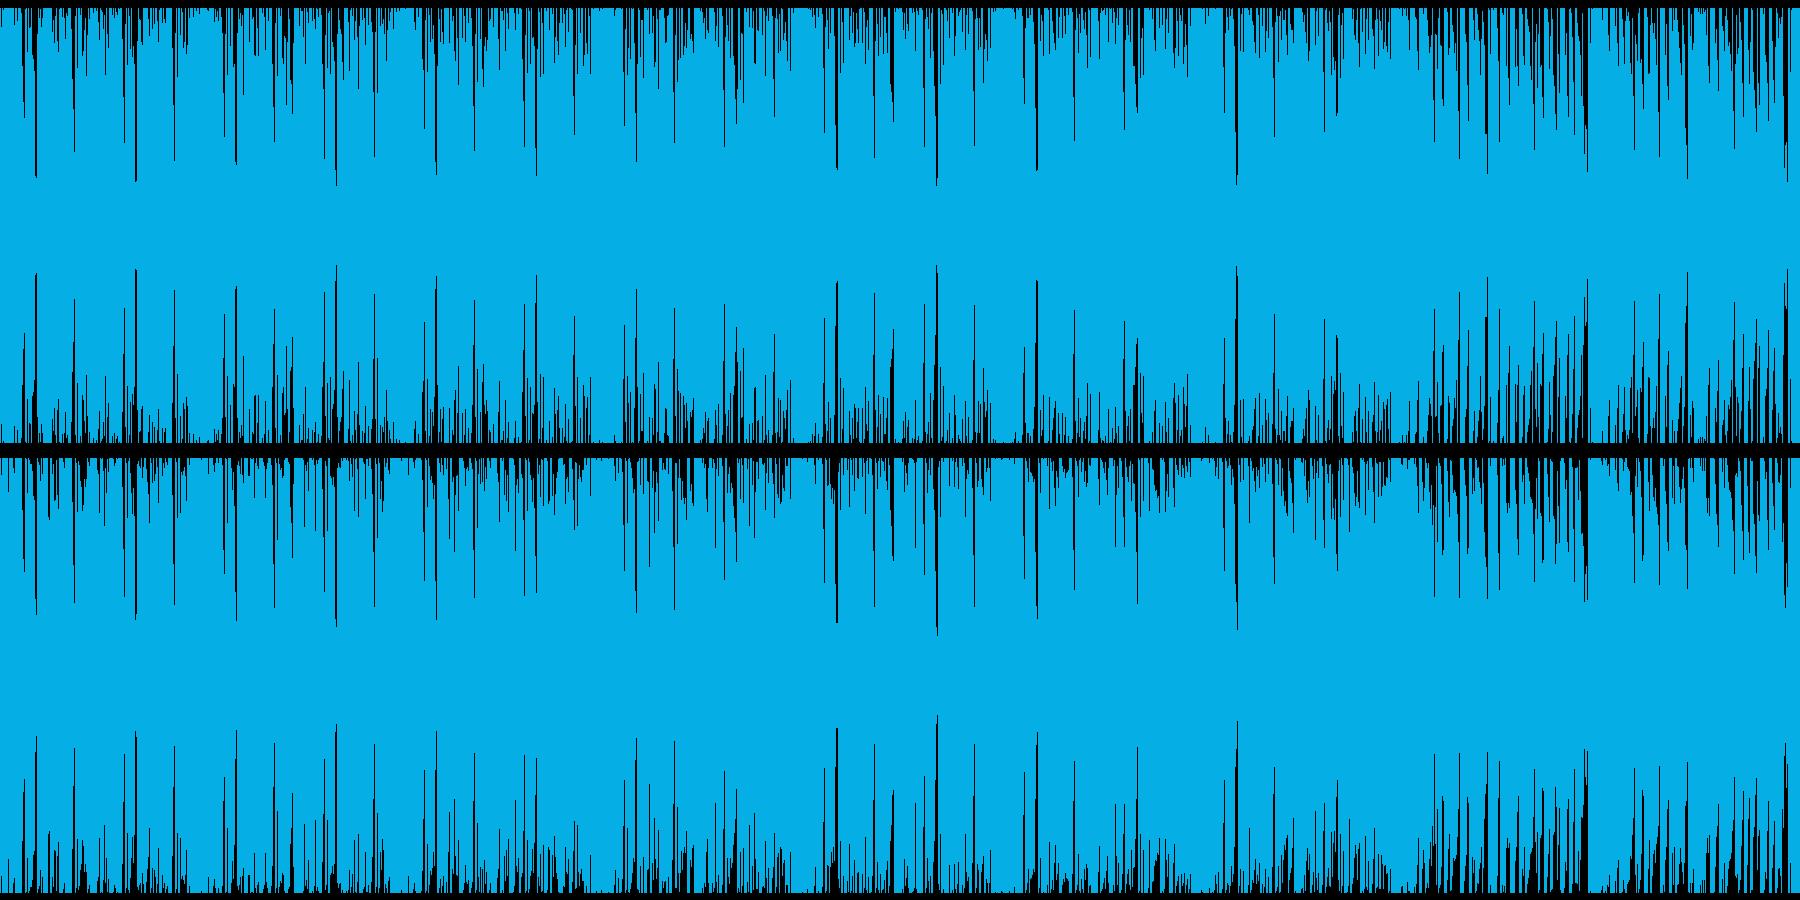 ループ:疾走感溢れるEDMの再生済みの波形